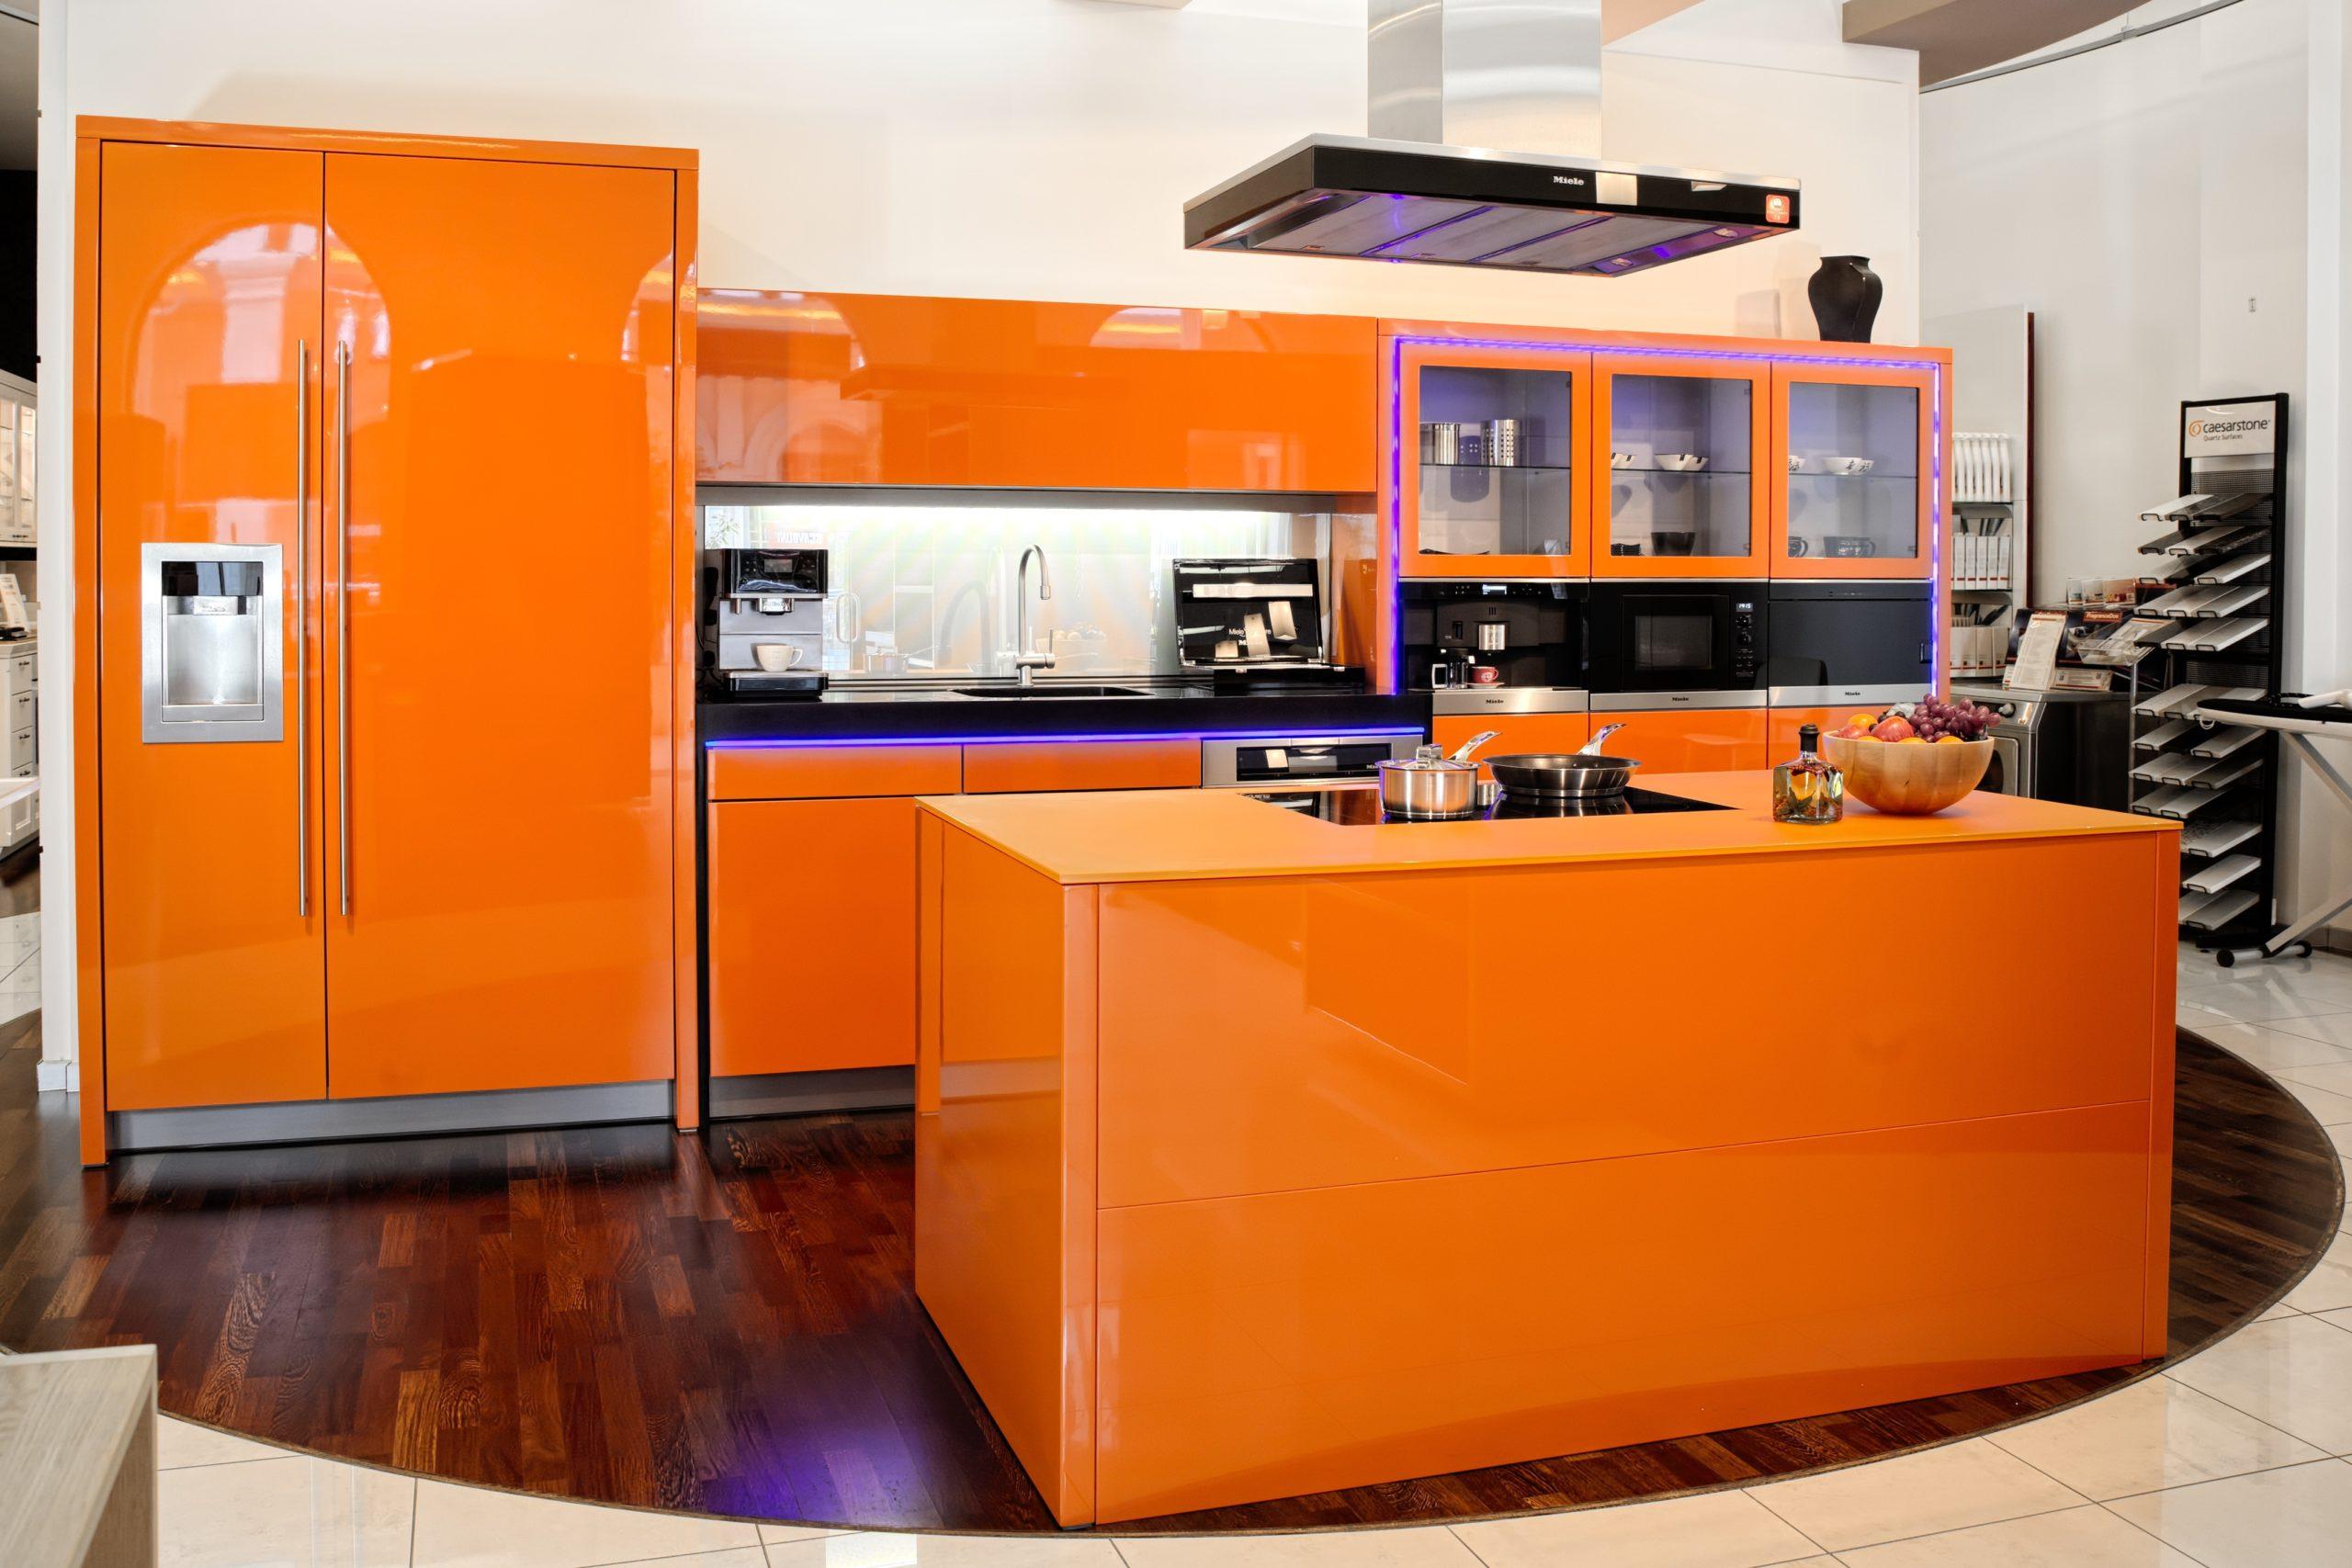 синие акценты в оранжевой кухне